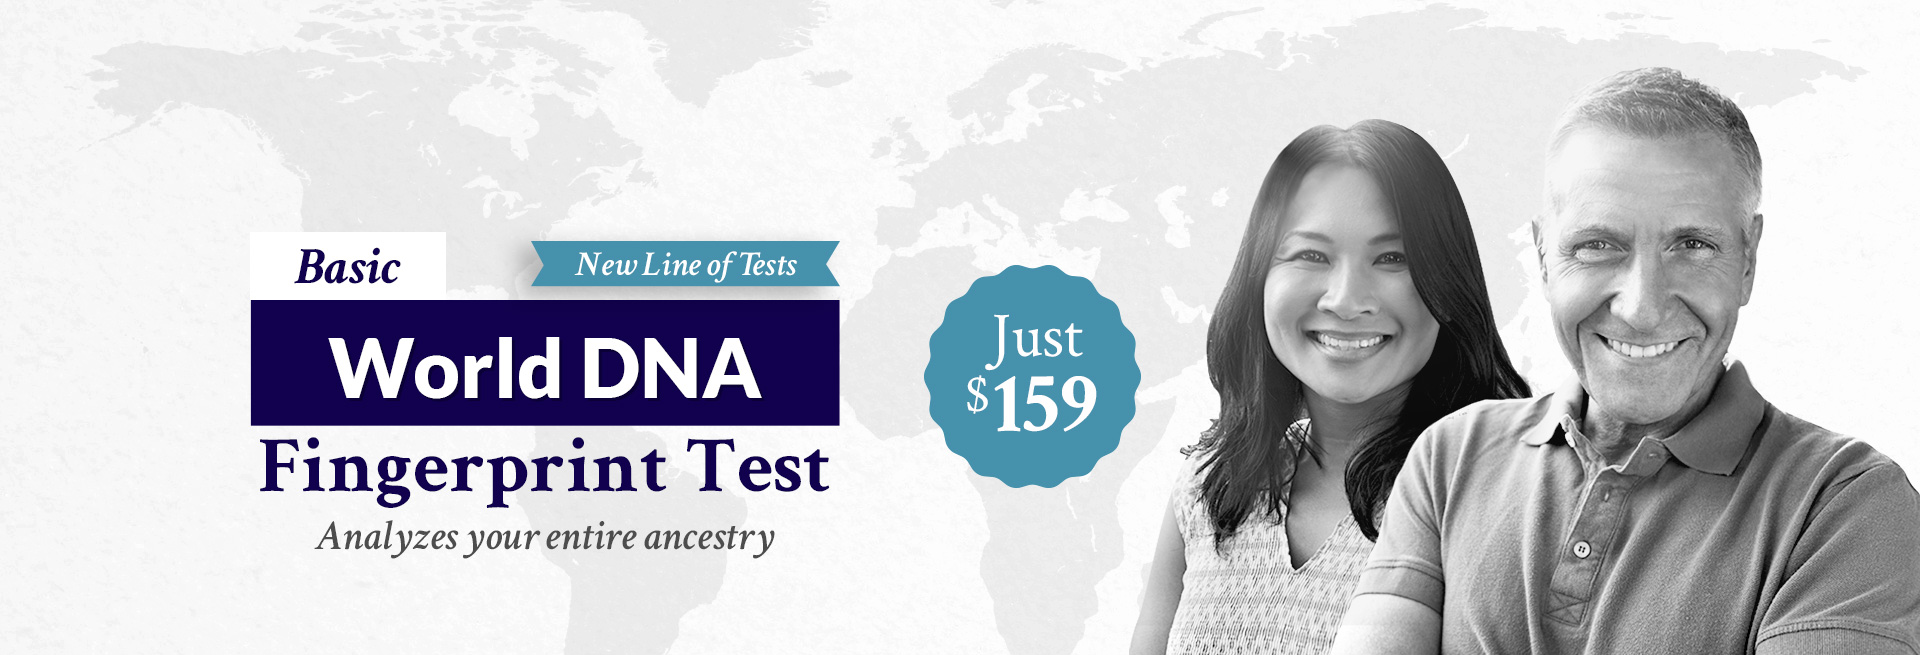 basic world dna fingerprint test